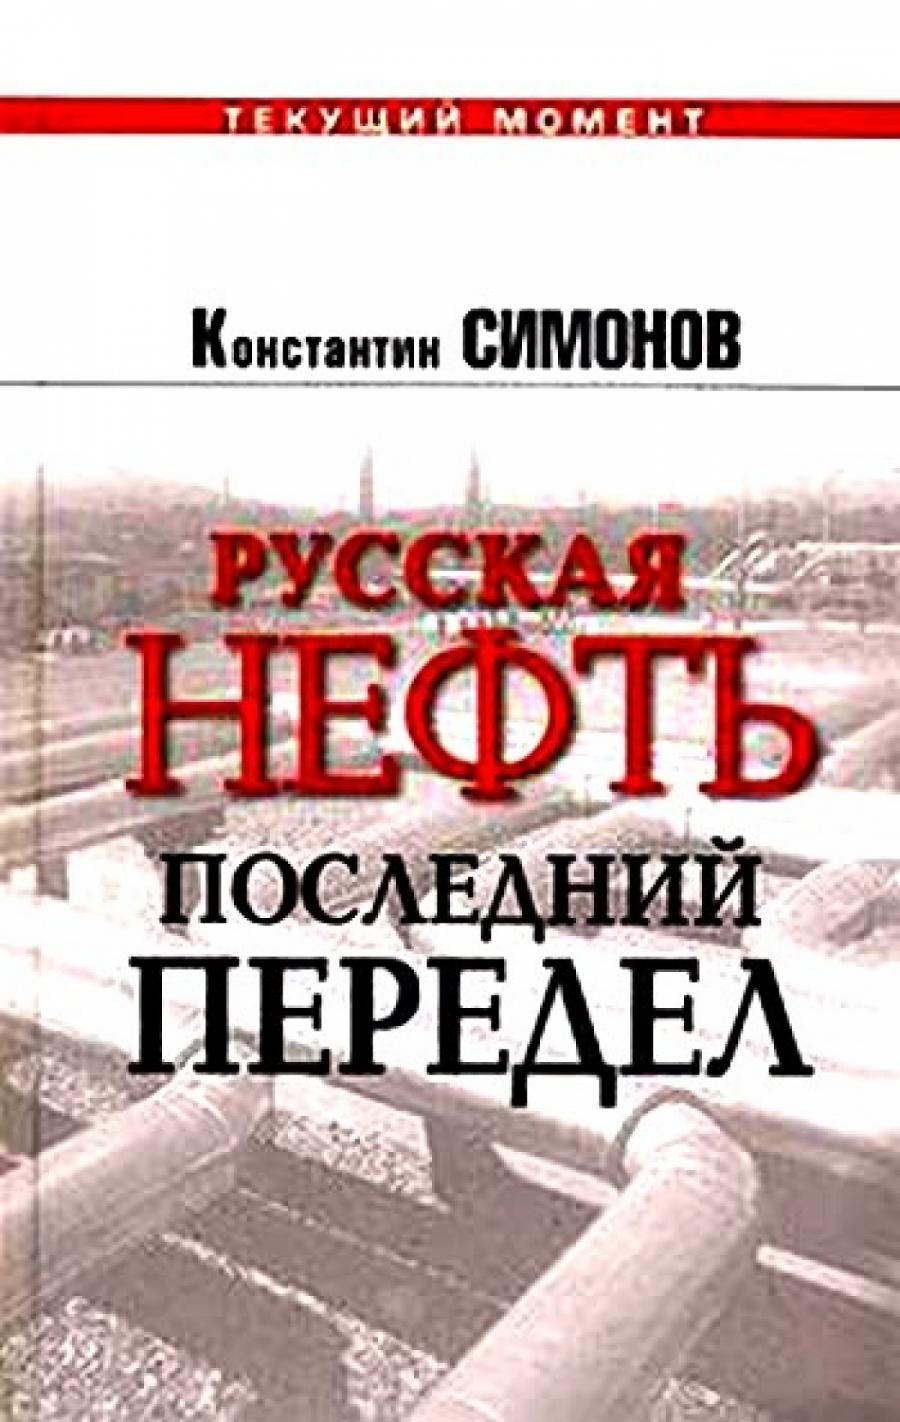 Обложка книги:  константин симонов - русская нефть. последний передел